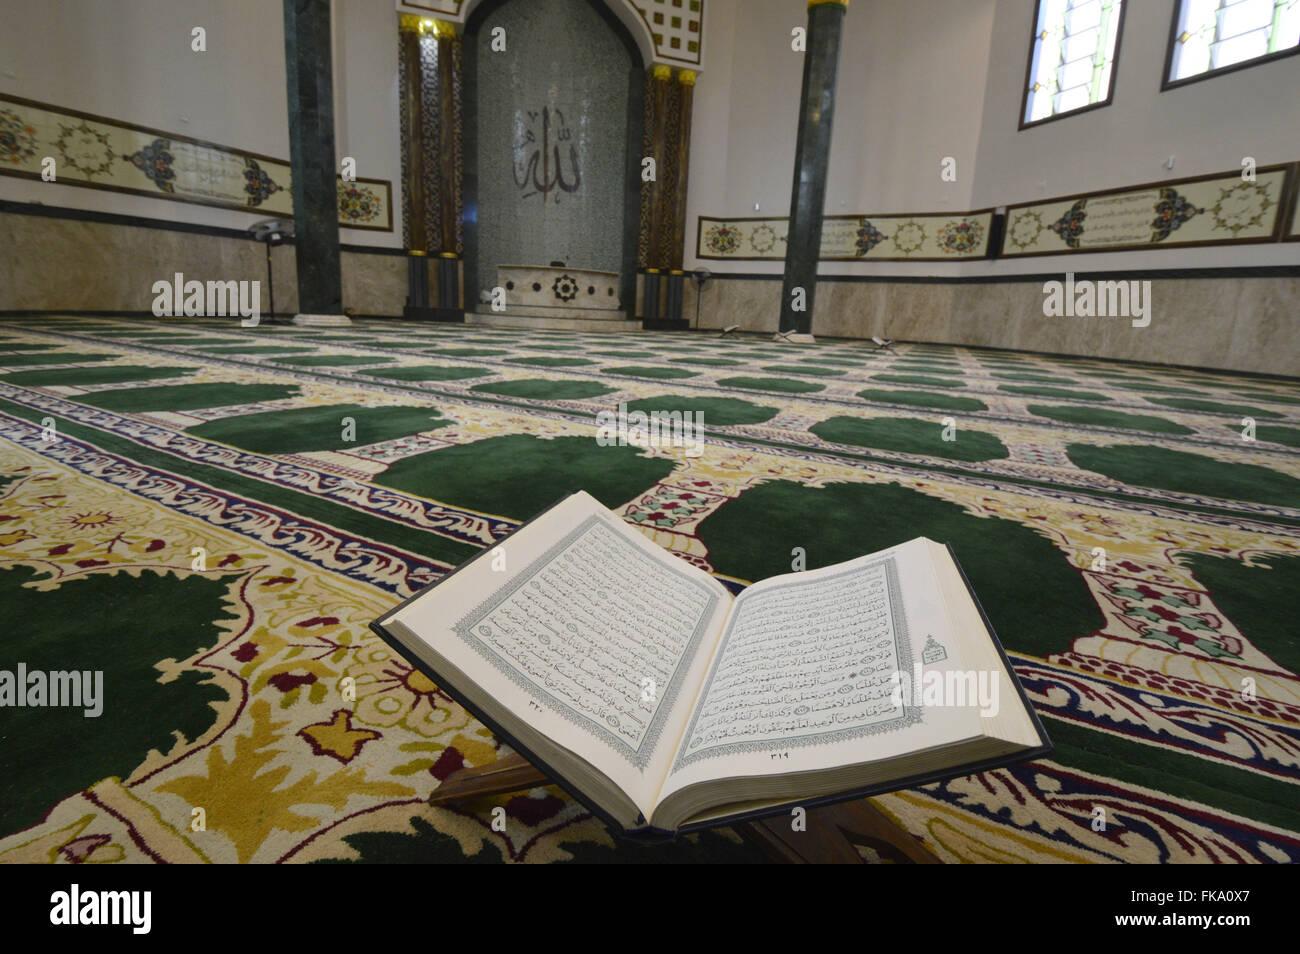 Vista interna da Mesquita do Brás com destaque para o alcorão - livro sagrado muçulmano - Stock Image